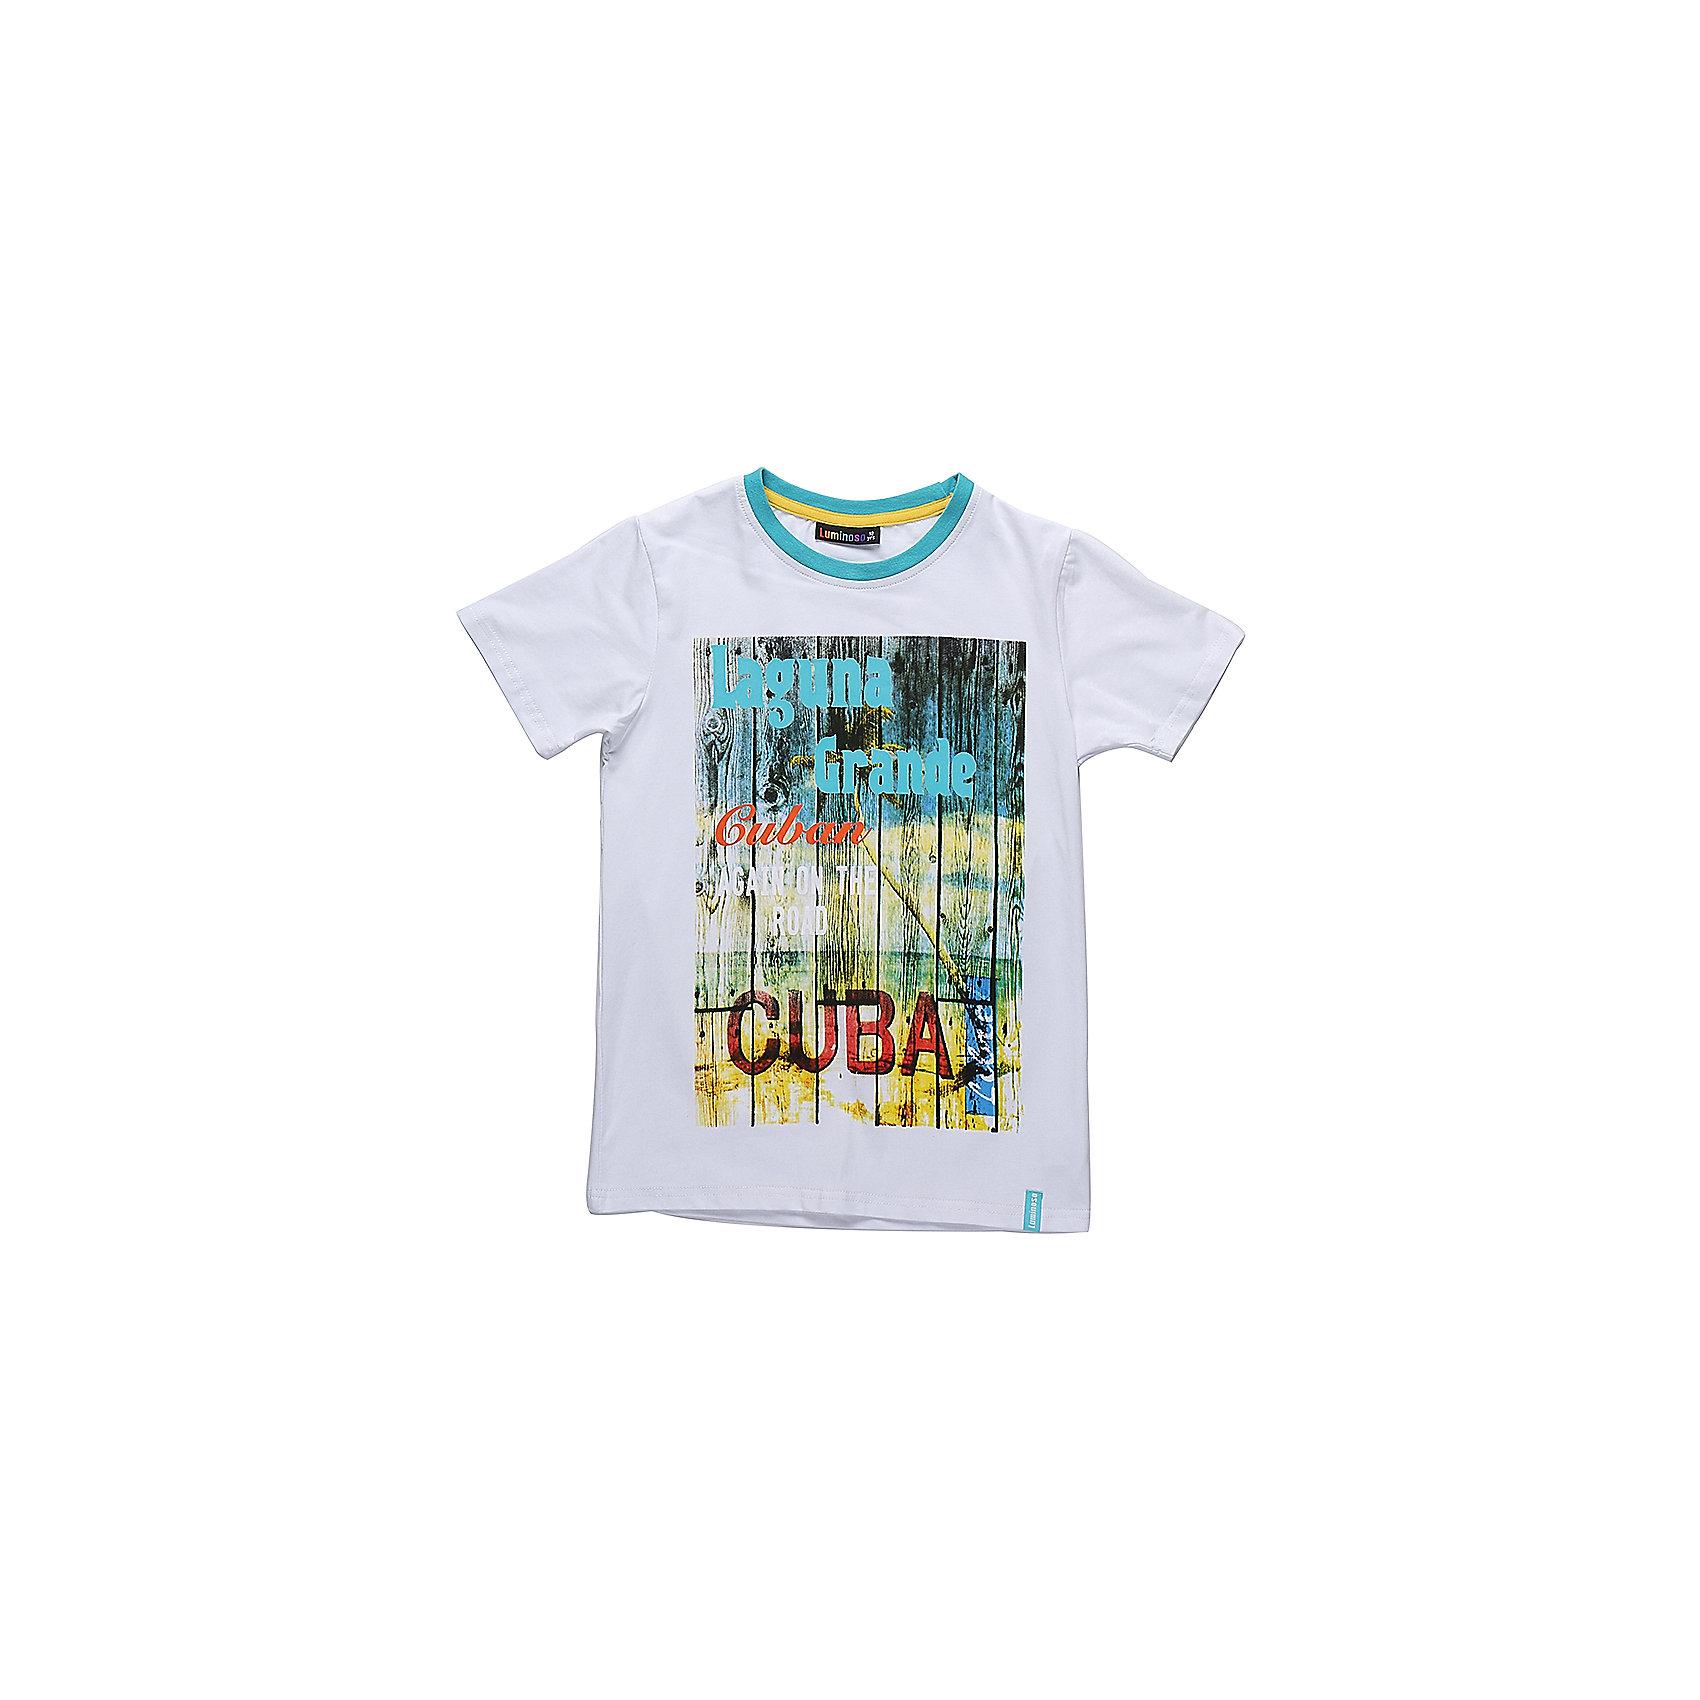 Футболка для мальчика LuminosoФутболки, поло и топы<br>Стильная футболка из трикотажной ткани для мальчика с коротким рукавом. Декорирована ярким принтом. Горловина выделена контрастным кантом.<br>Состав:<br>95%хлопок 5%эластан<br><br>Ширина мм: 199<br>Глубина мм: 10<br>Высота мм: 161<br>Вес г: 151<br>Цвет: белый<br>Возраст от месяцев: 96<br>Возраст до месяцев: 108<br>Пол: Мужской<br>Возраст: Детский<br>Размер: 158,164,134,140,146,152<br>SKU: 5409744